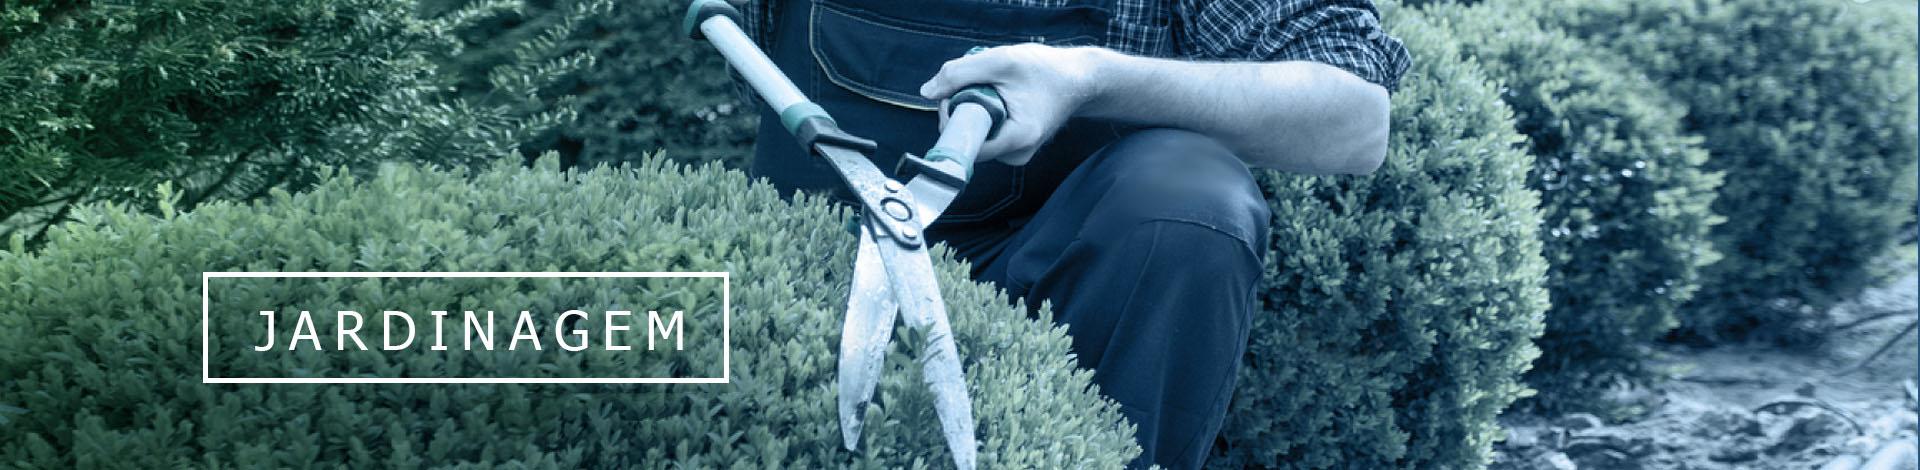 abertura_jardinagem